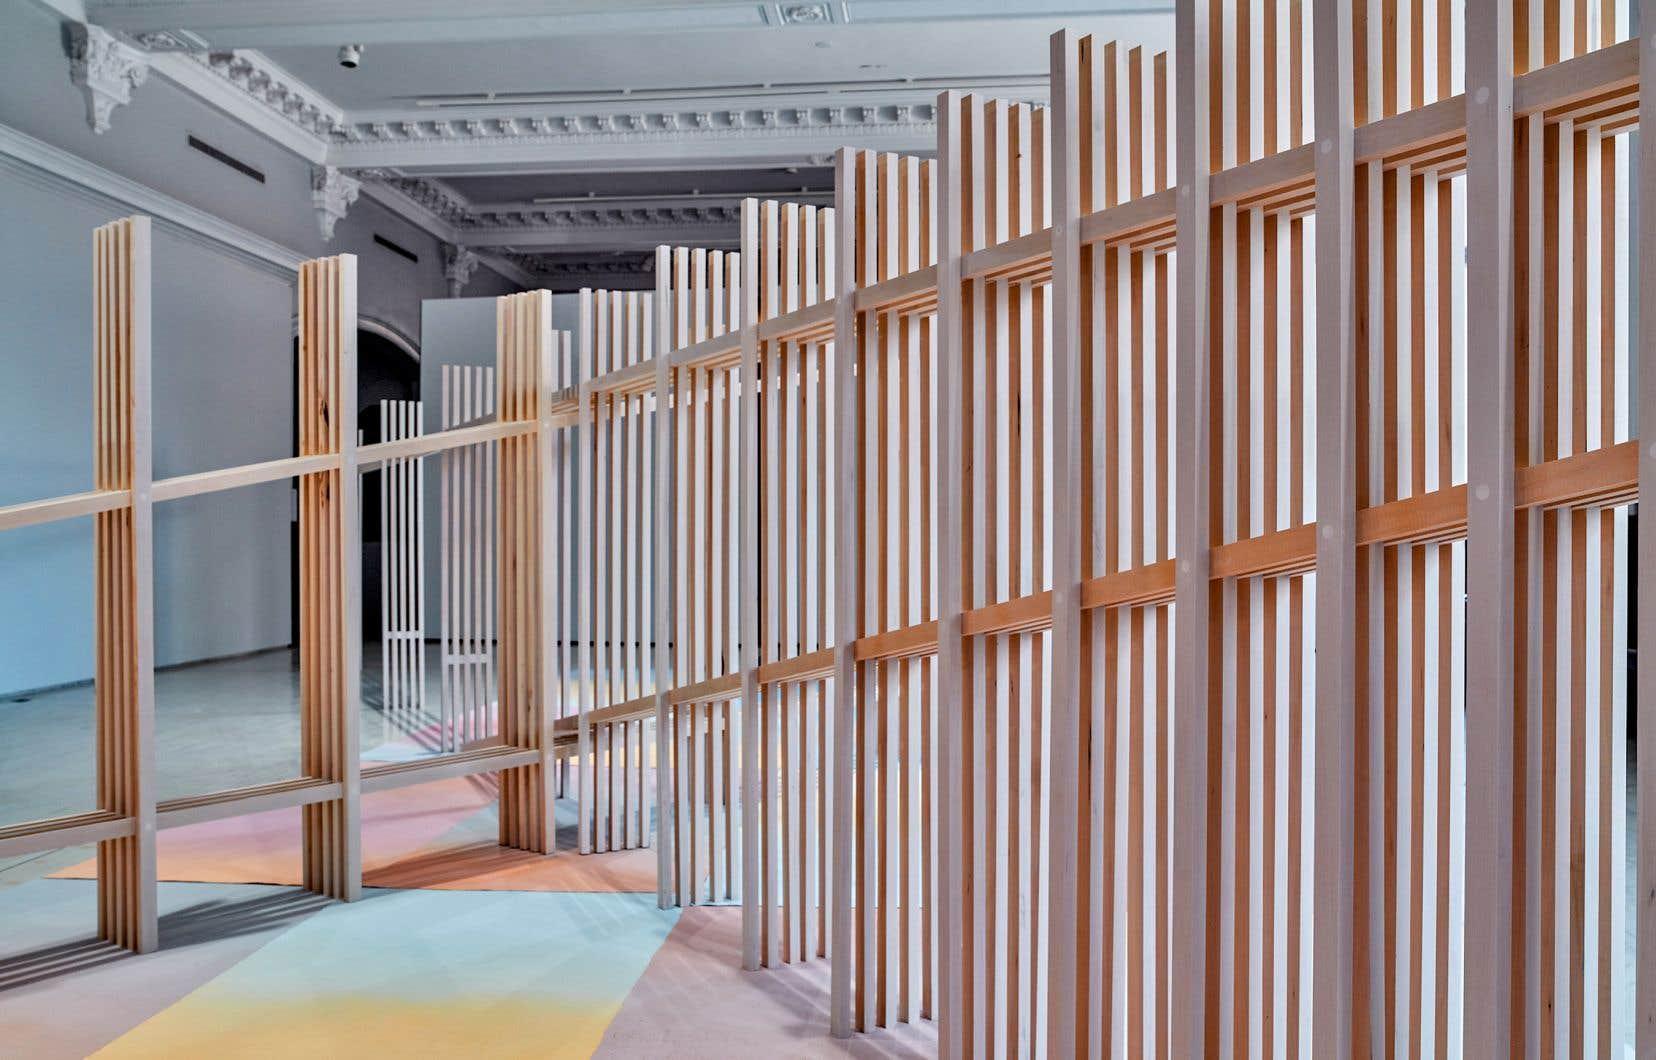 Vue partielle de l'installation «S'écoulent les jours, loin derrière l'oeil» (2021), de Marie-Claire Blais, à la Fondation Molinari